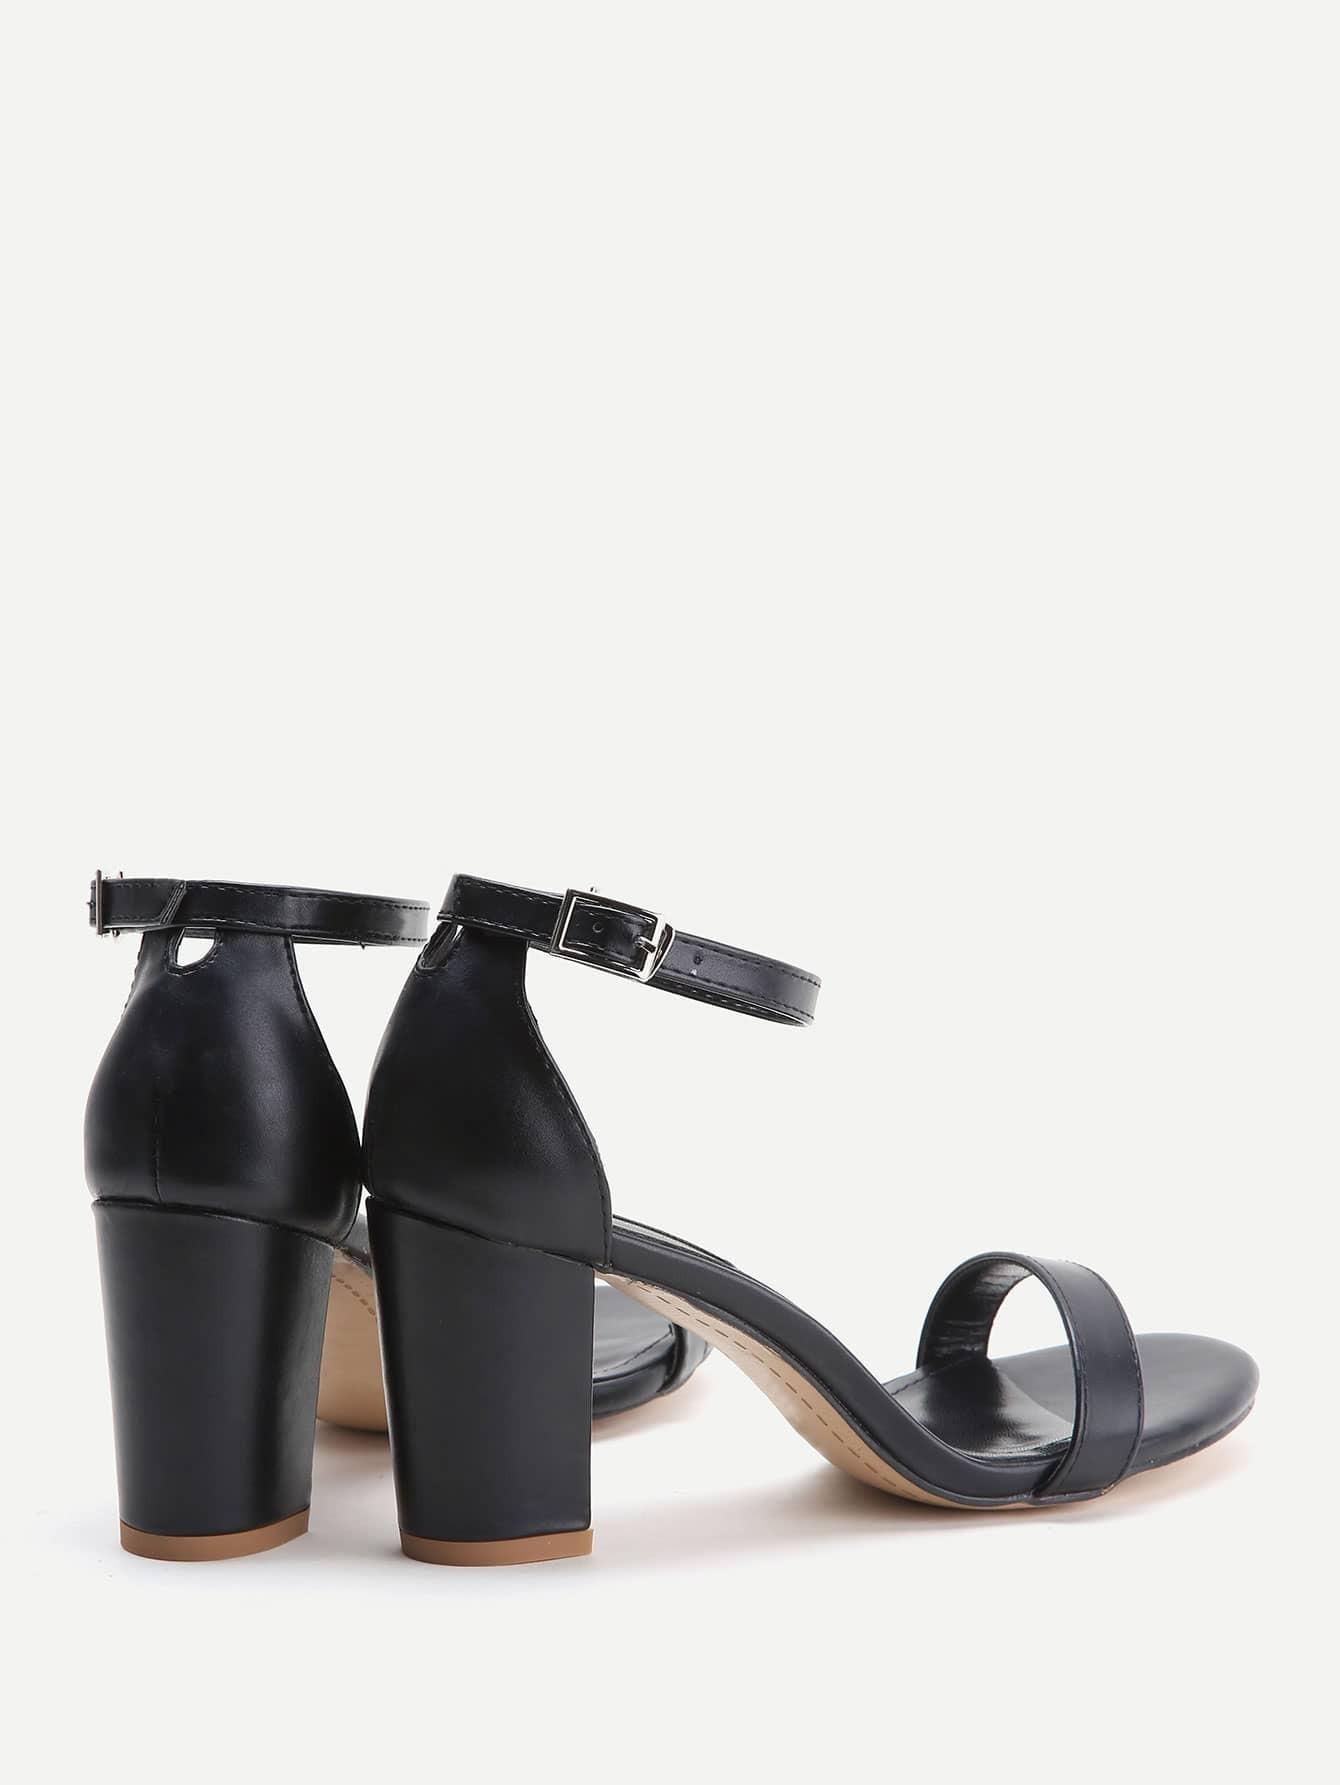 shoes170413808_2